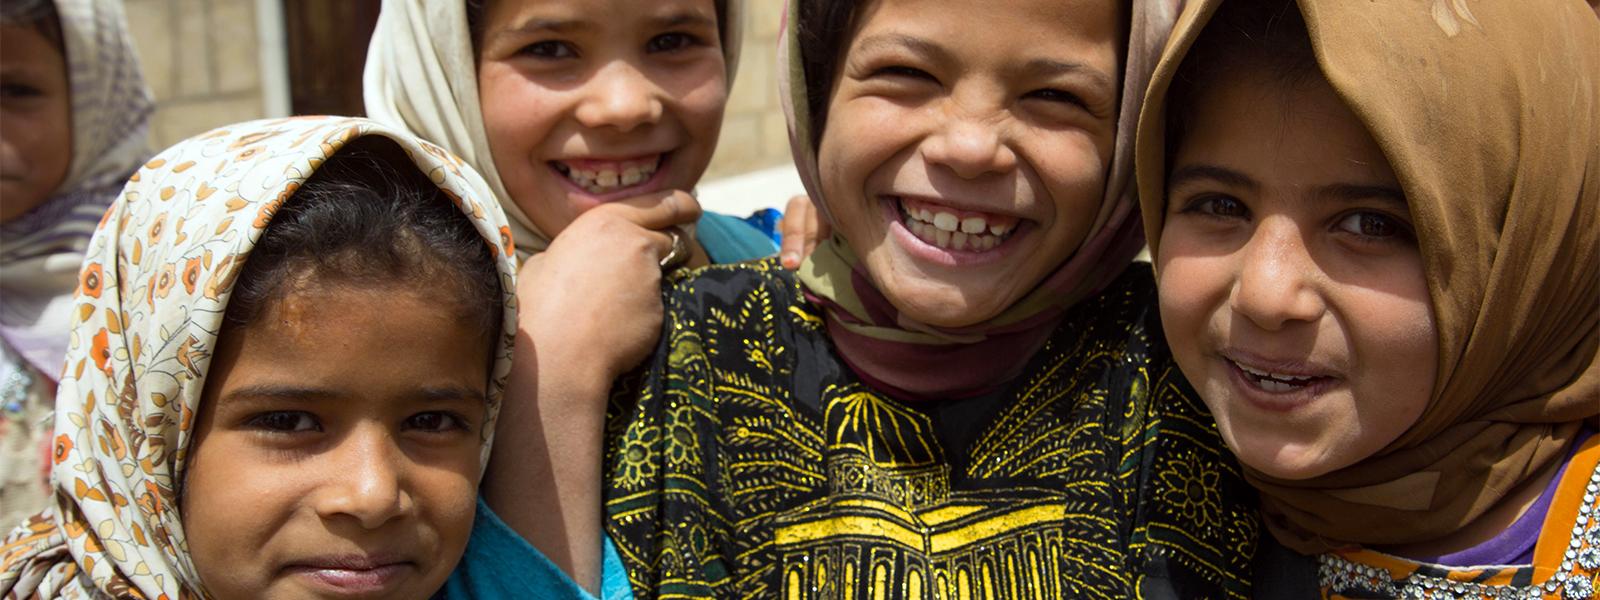 Tillsammans kan vi förändra barns liv